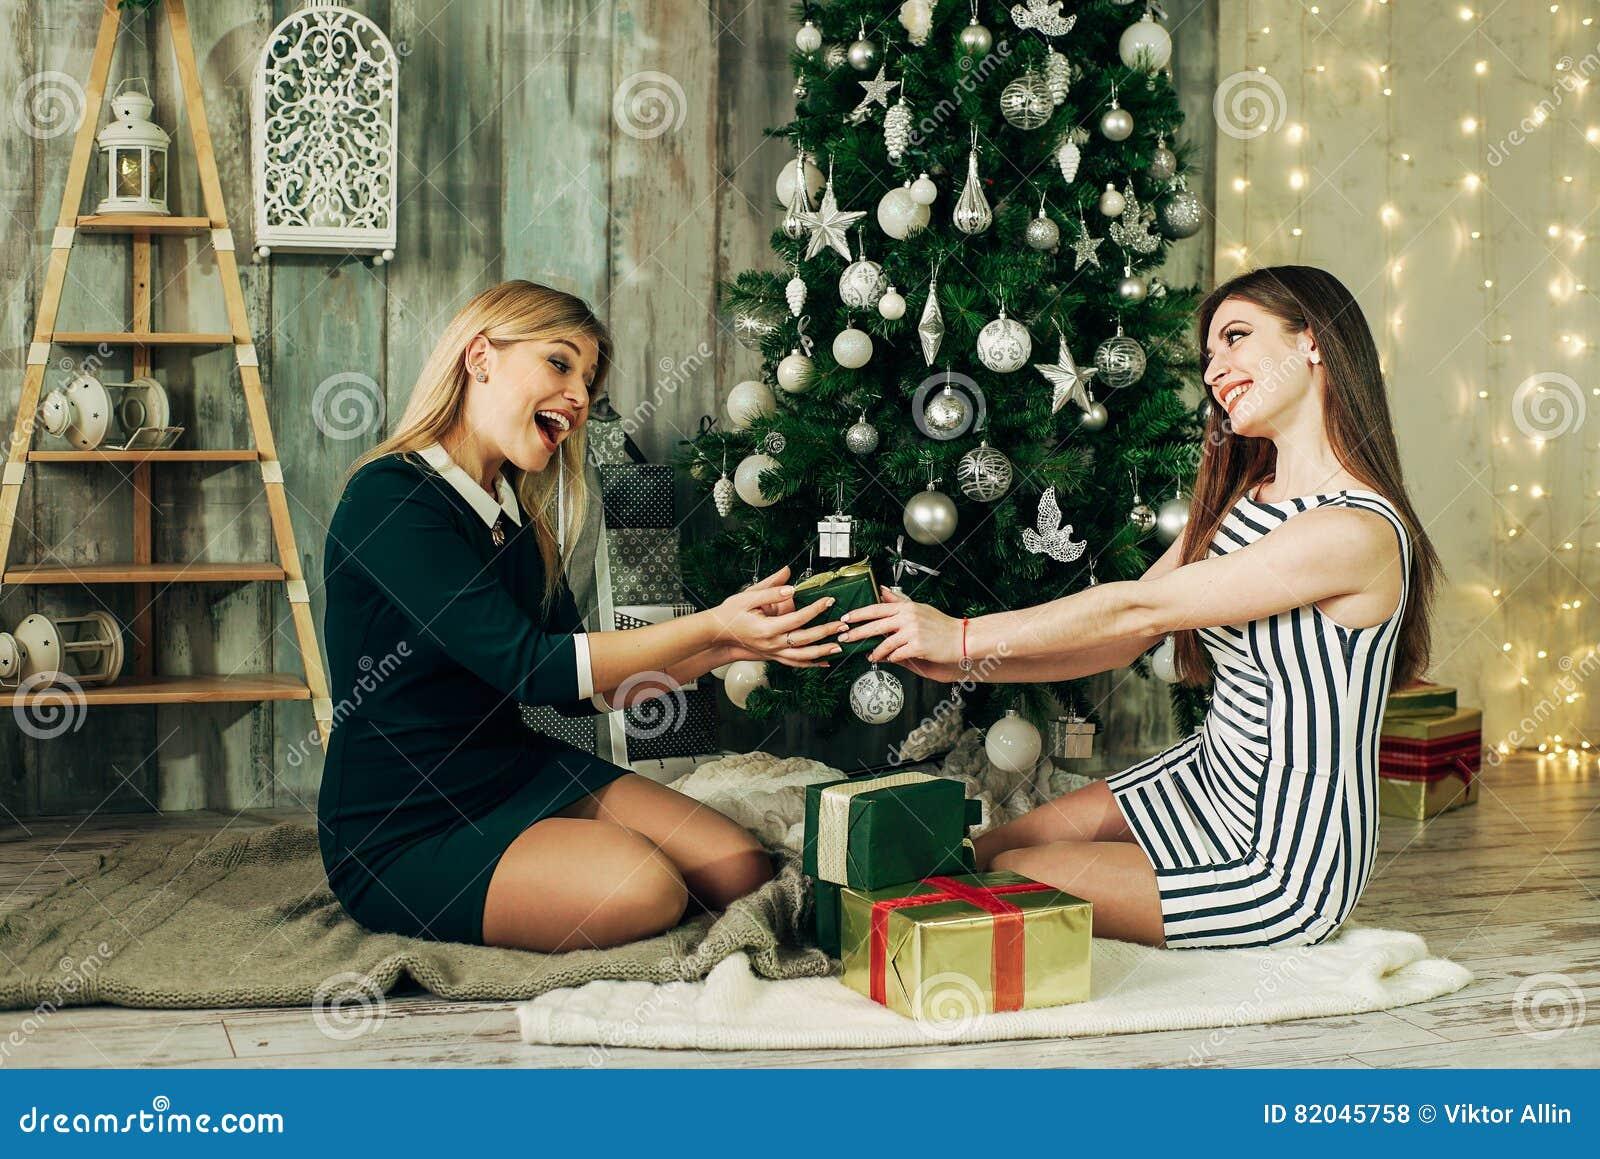 Zwei Glückliche Freundin Geöffnete Weihnachtsgeschenke Stockfoto ...